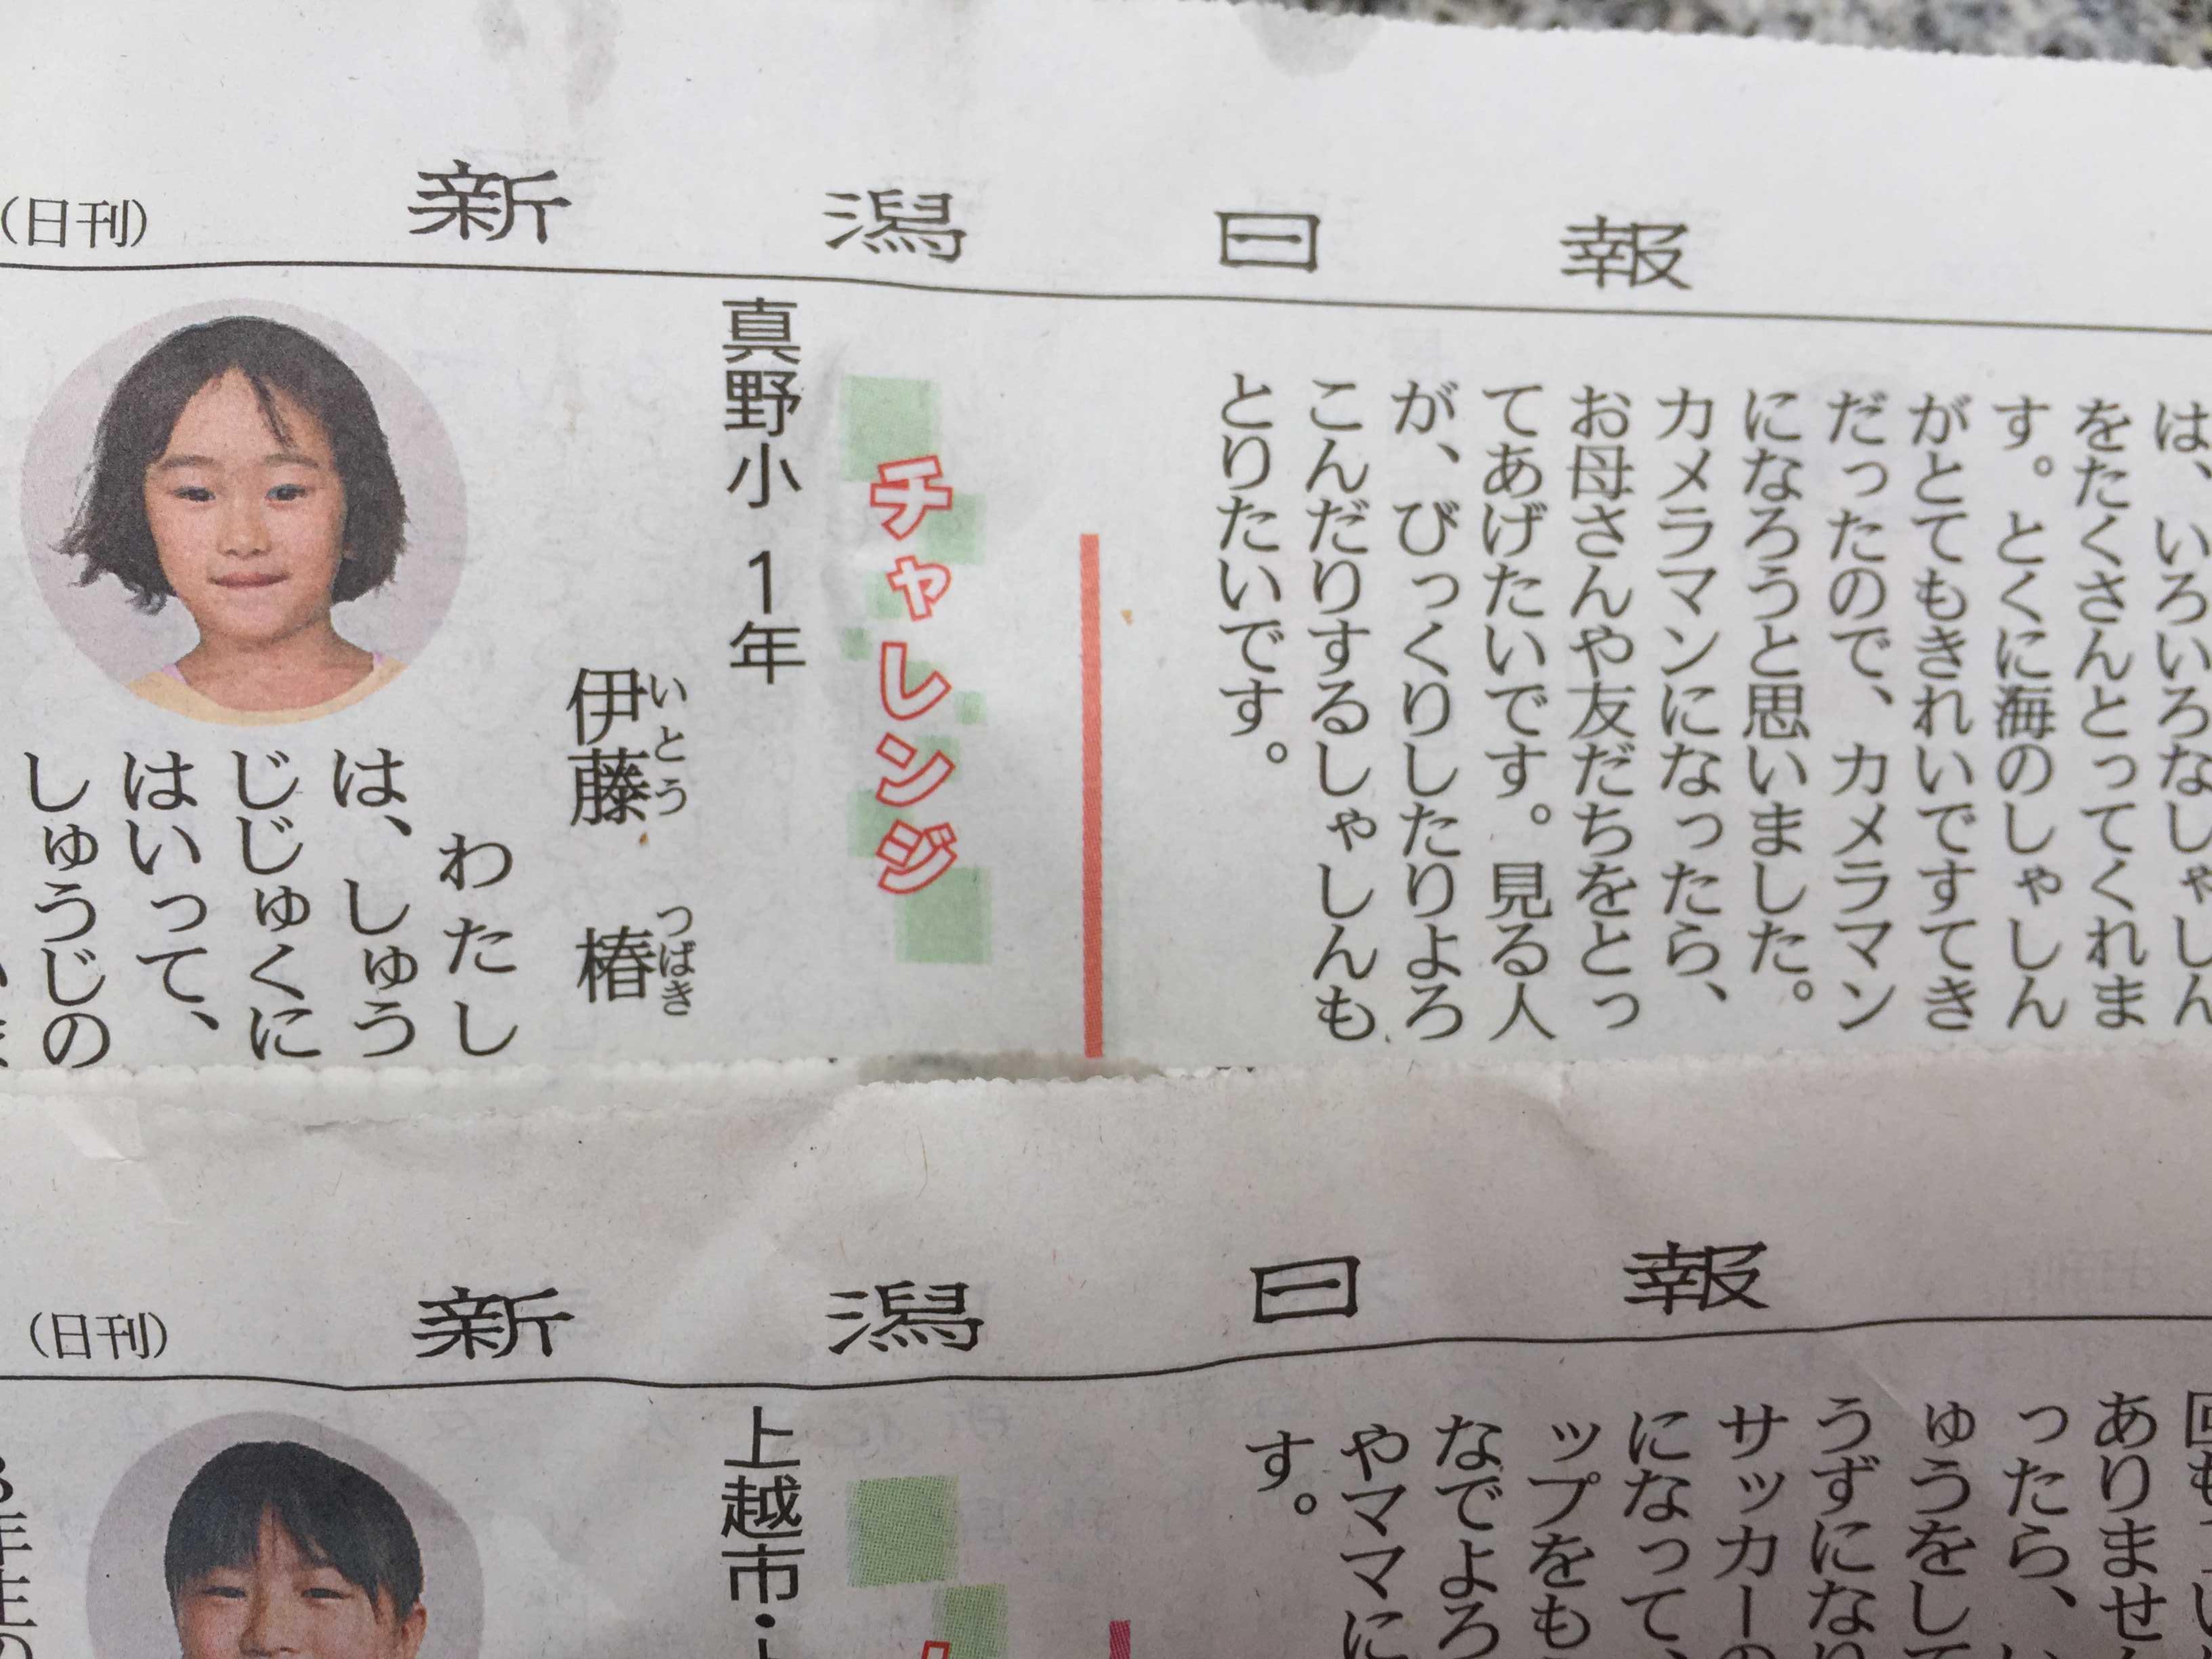 新潟日報 - チャレンジ